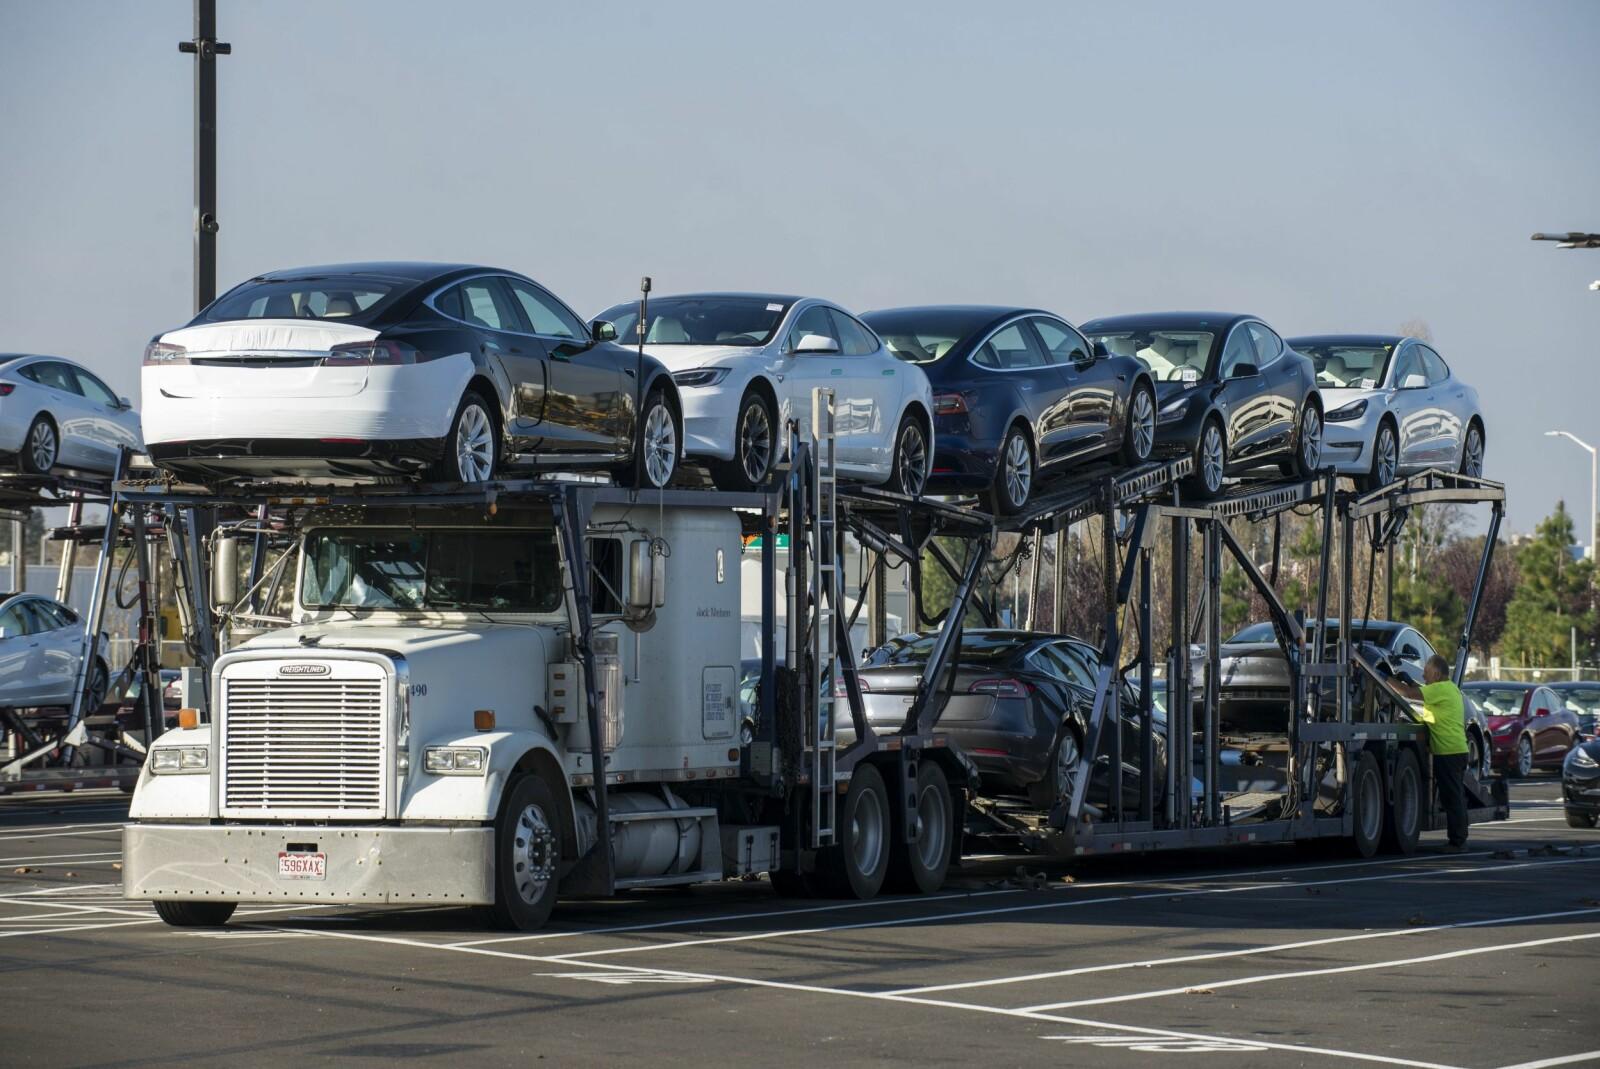 <b>POPULÆR:</b> Fabrikknye Tesla S venter på utskiping fra fabrikken. Med 250 000 solgte eksemplarer er modellen verdens mest solgte elbil etter Nissan Leaf.